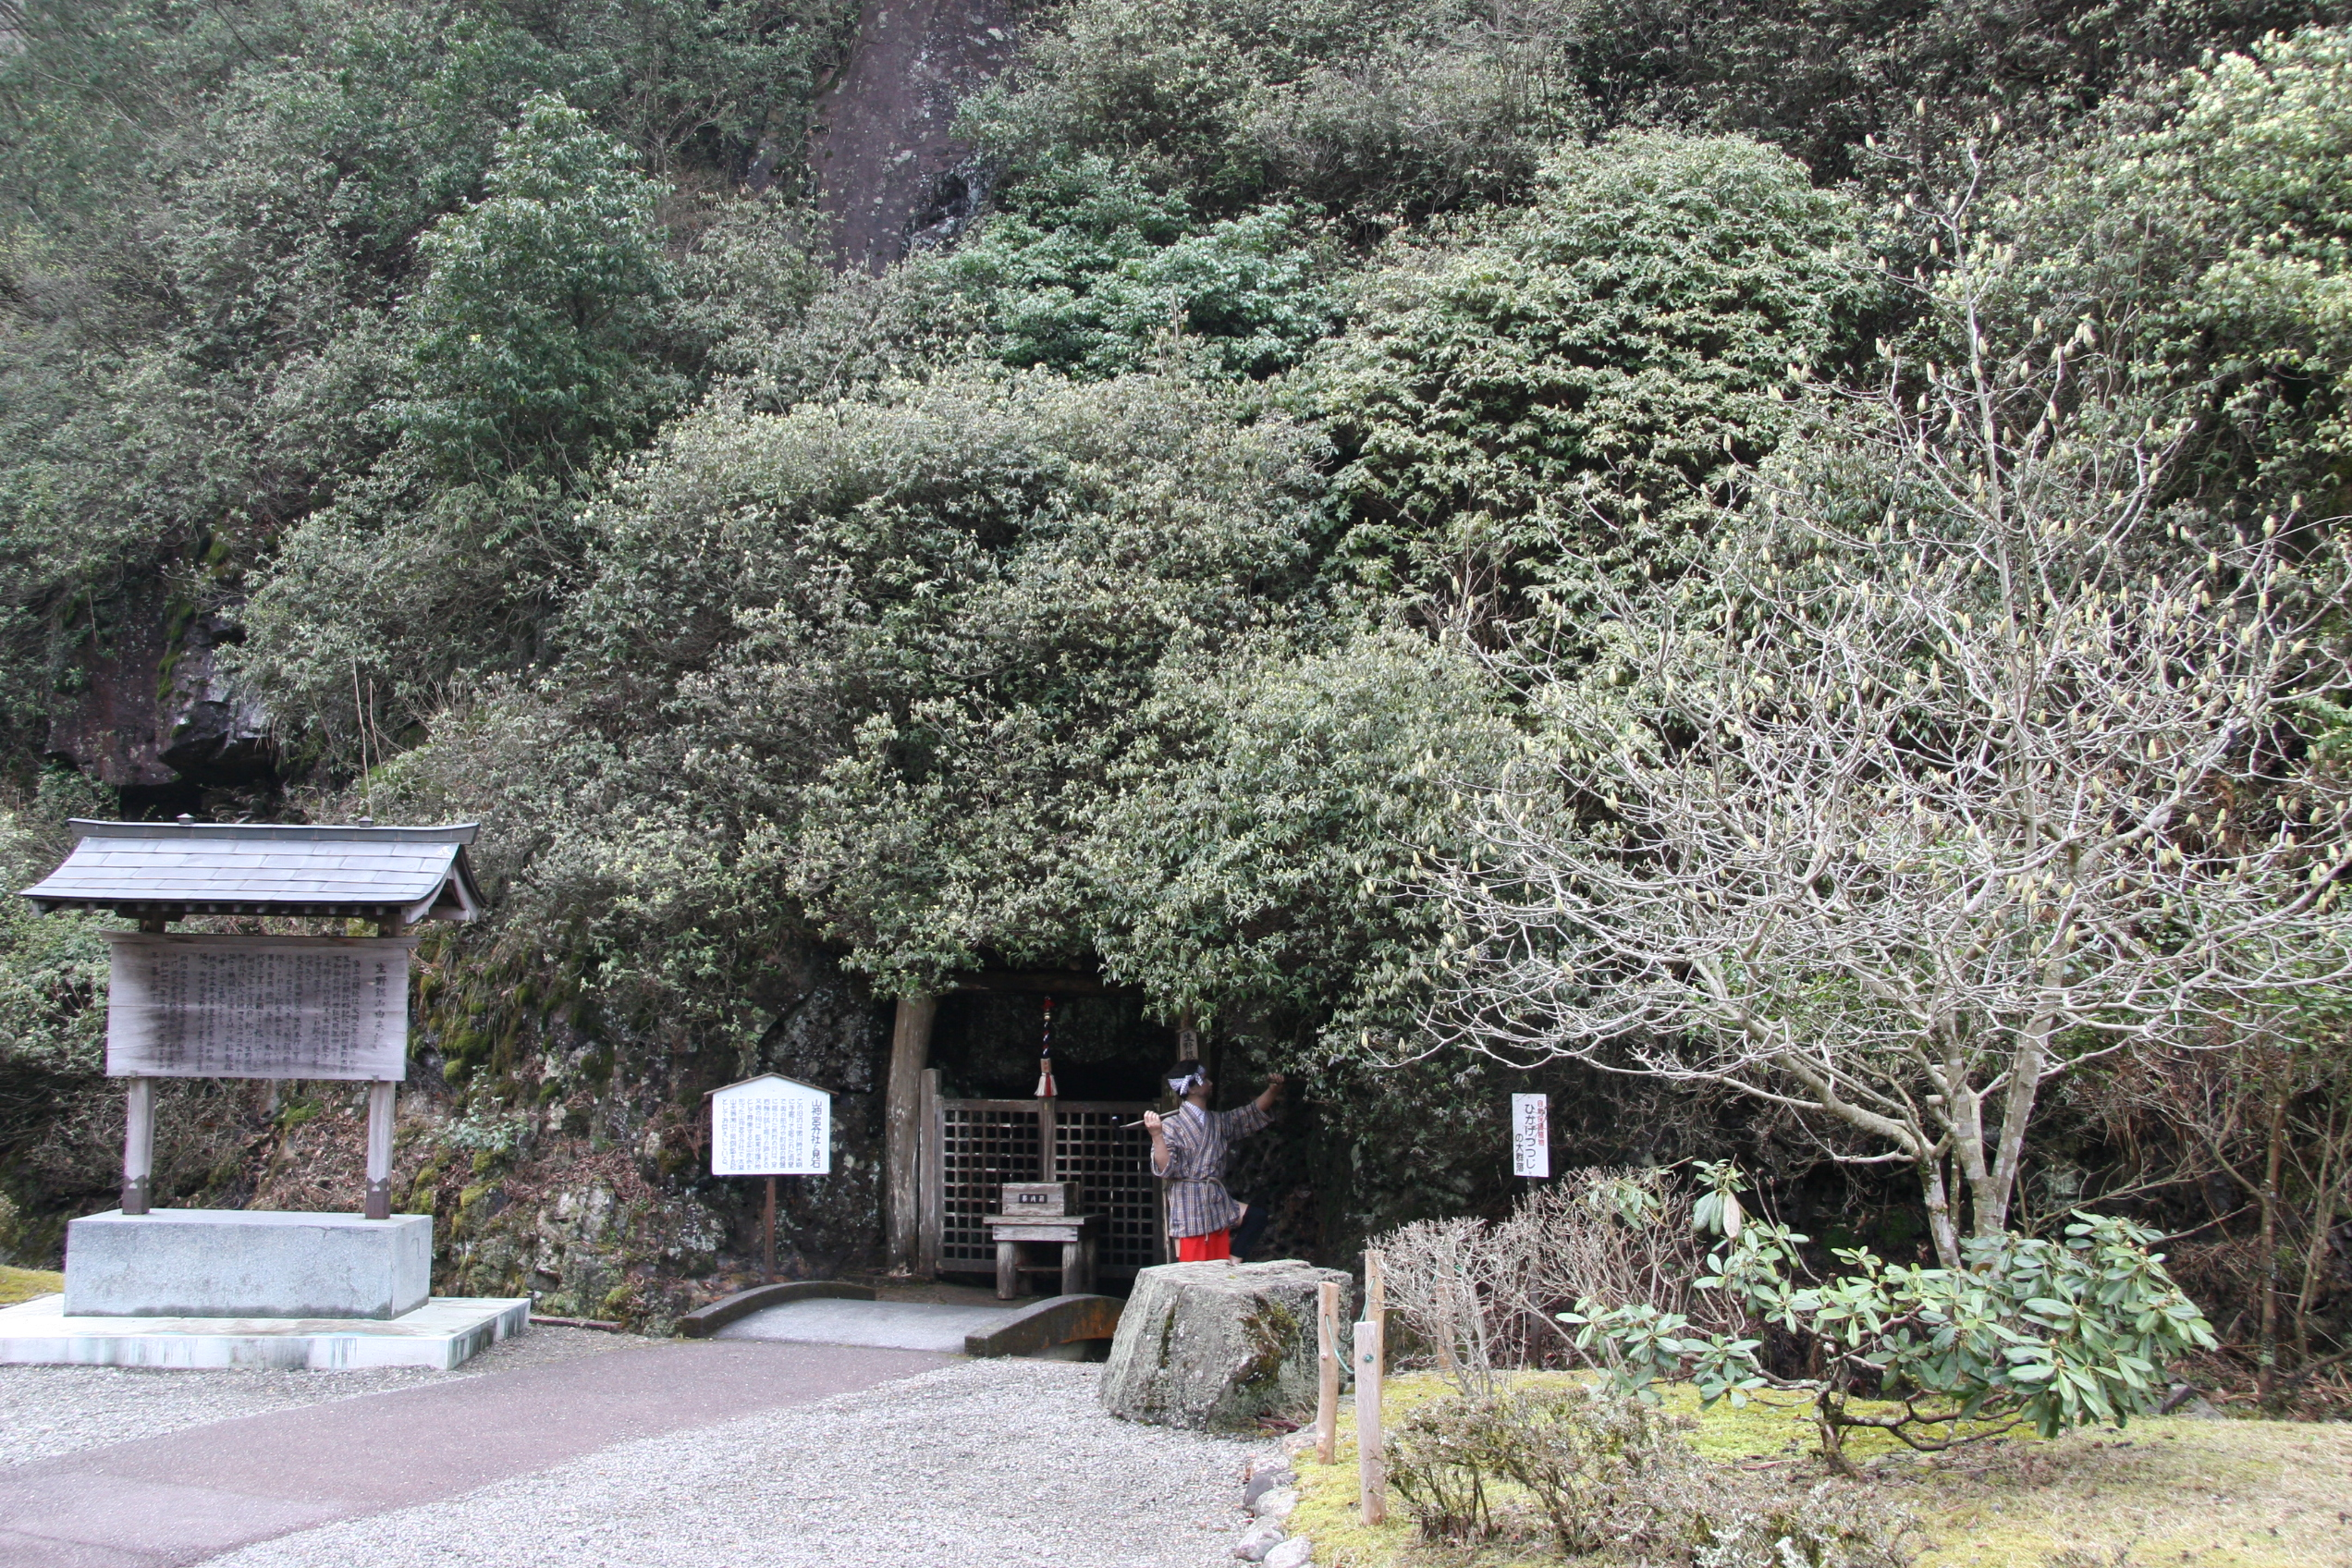 生野銀山に群落する「ひかげつつじ」が朝来市指定文化財に指定